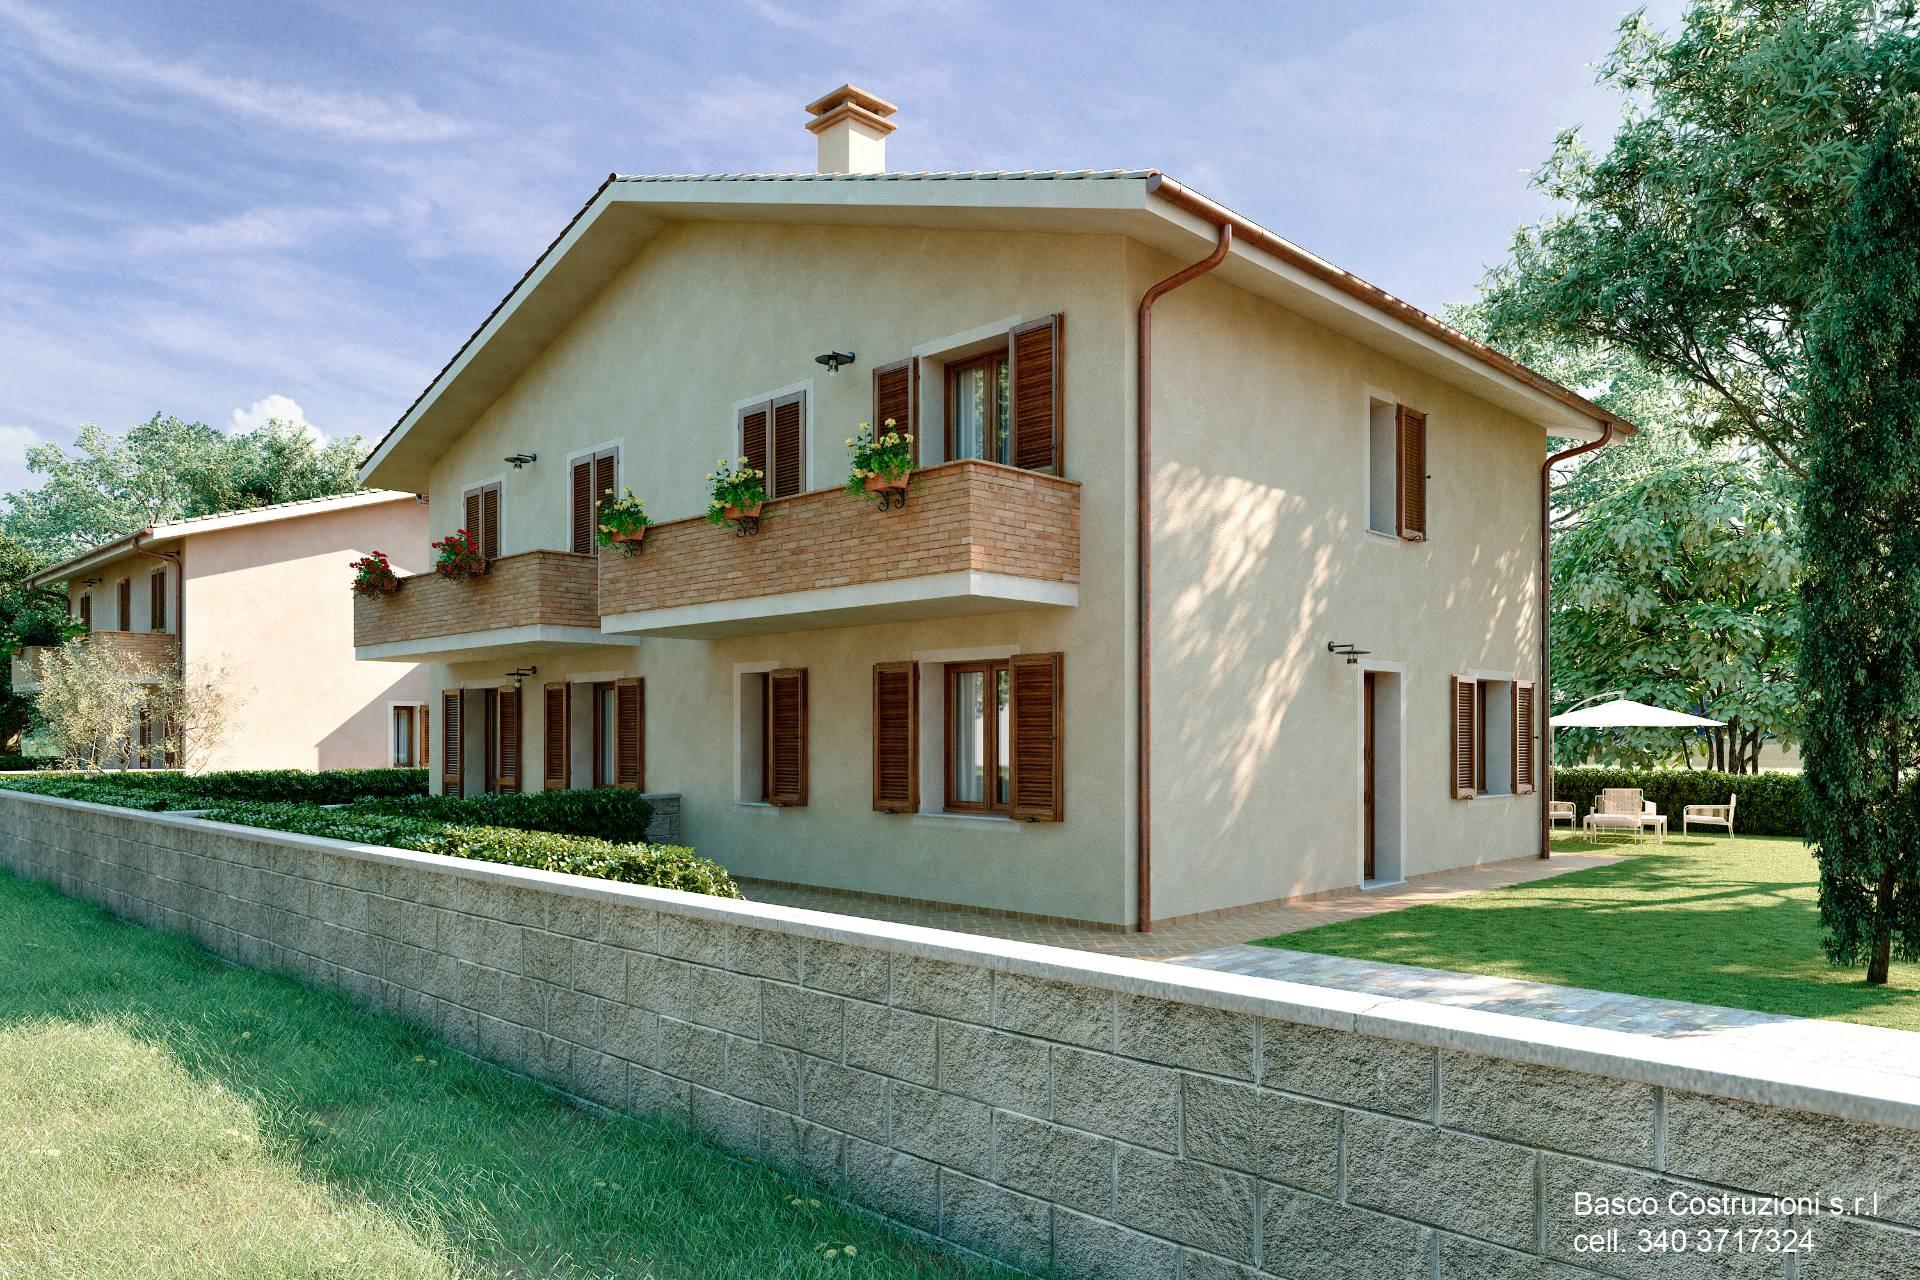 Soluzione Indipendente in vendita a Santa Maria a Monte, 5 locali, zona Località: Montecalvoliinbasso, prezzo € 280.000 | Cambio Casa.it